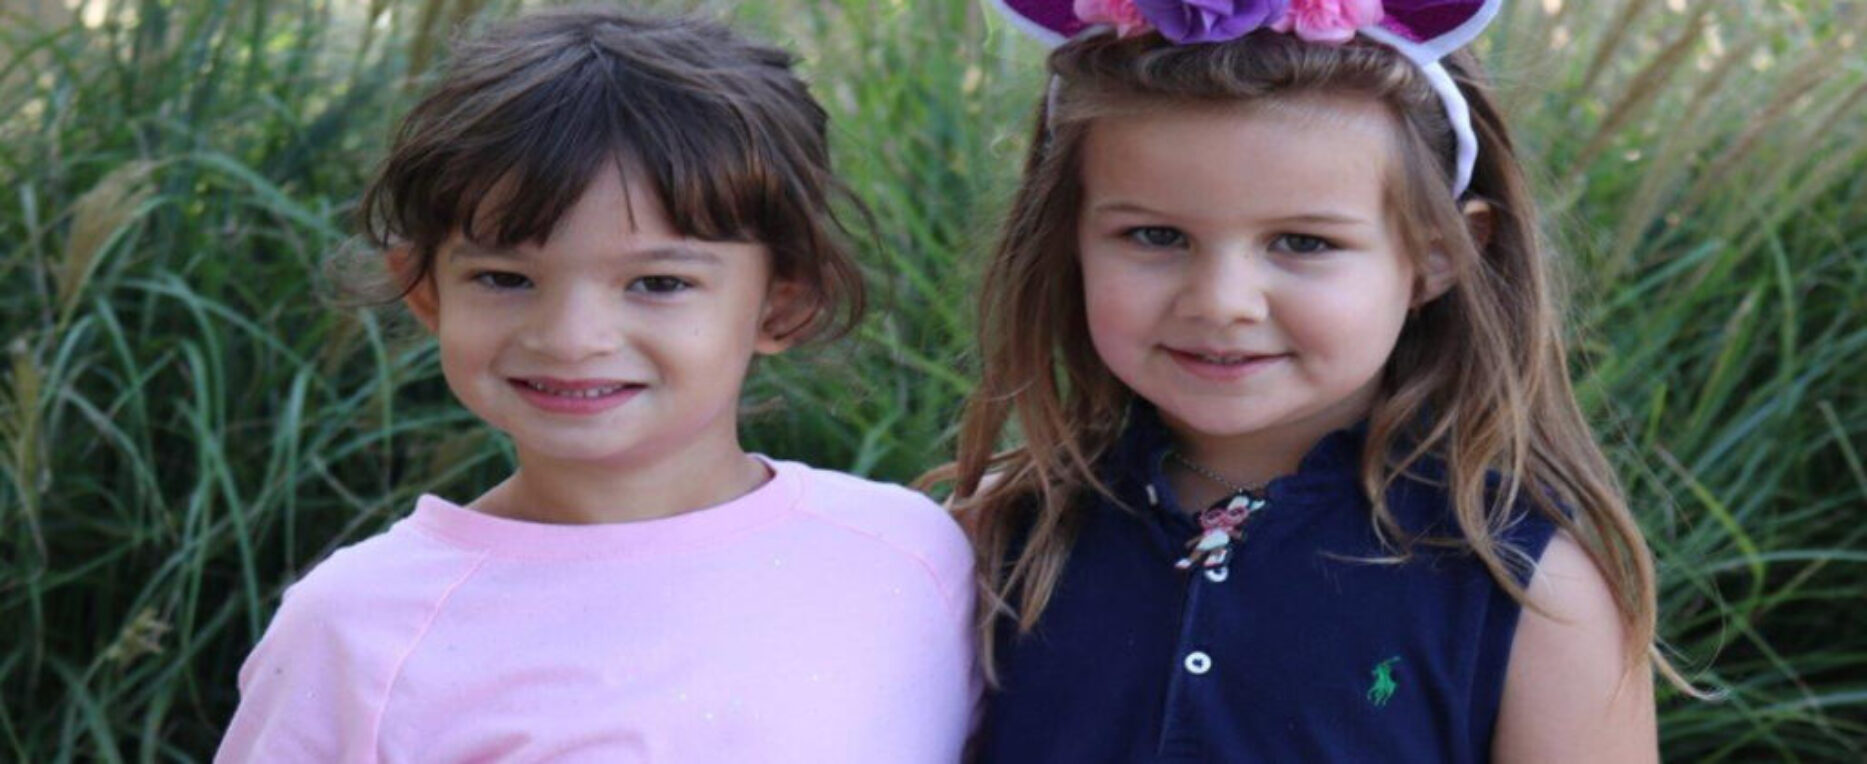 Arndt and Falk girls website